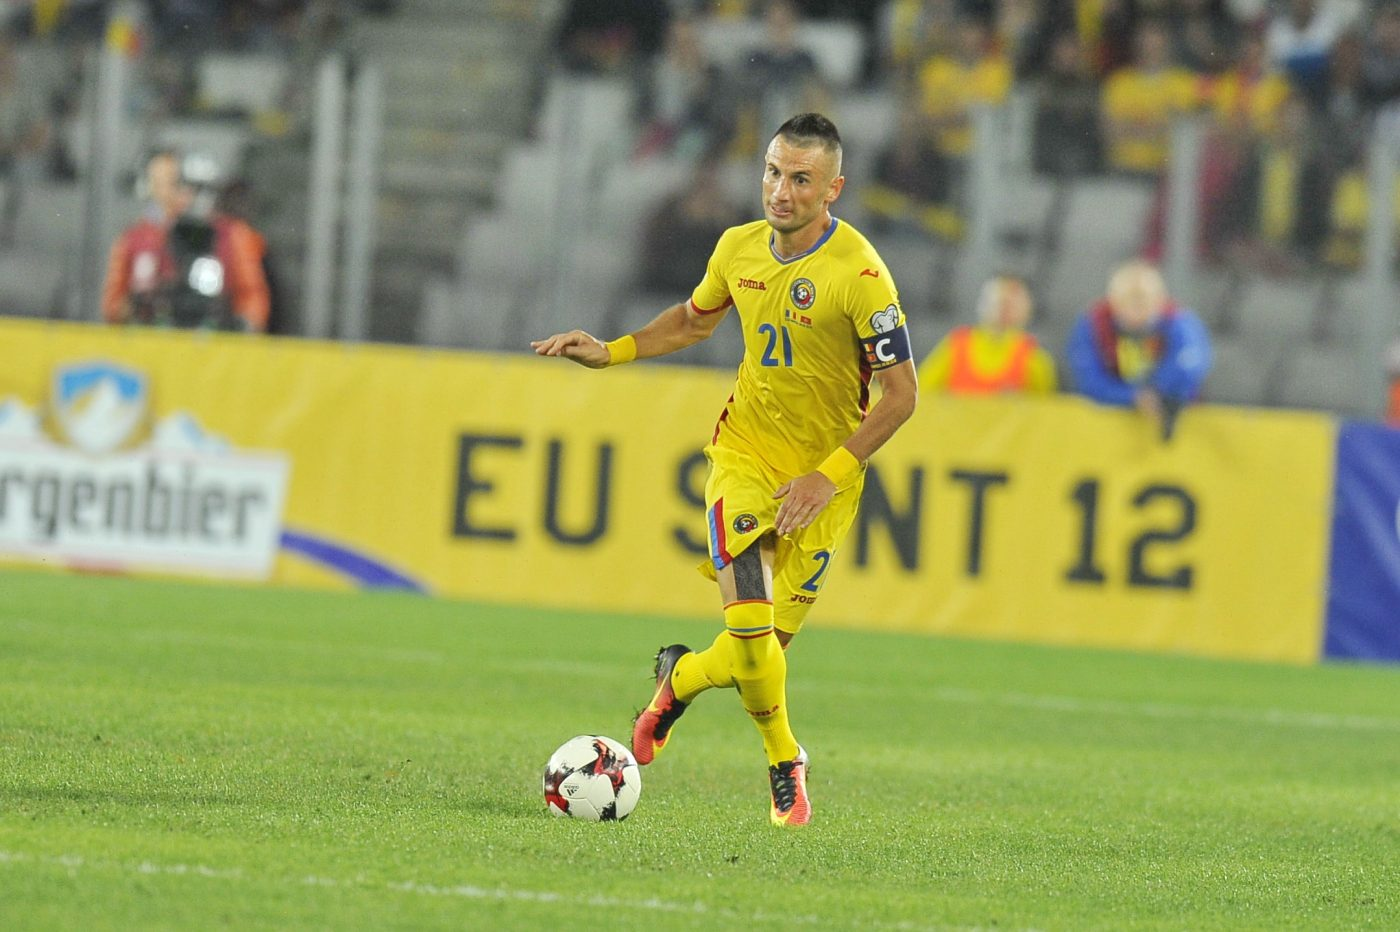 """Dacă Dragoș Grigore va semna cu Rapid, va fi o mare lovitură și pentru rivala istorică, Dinamo. Grigore este fostul căpitan al """"câinilor"""